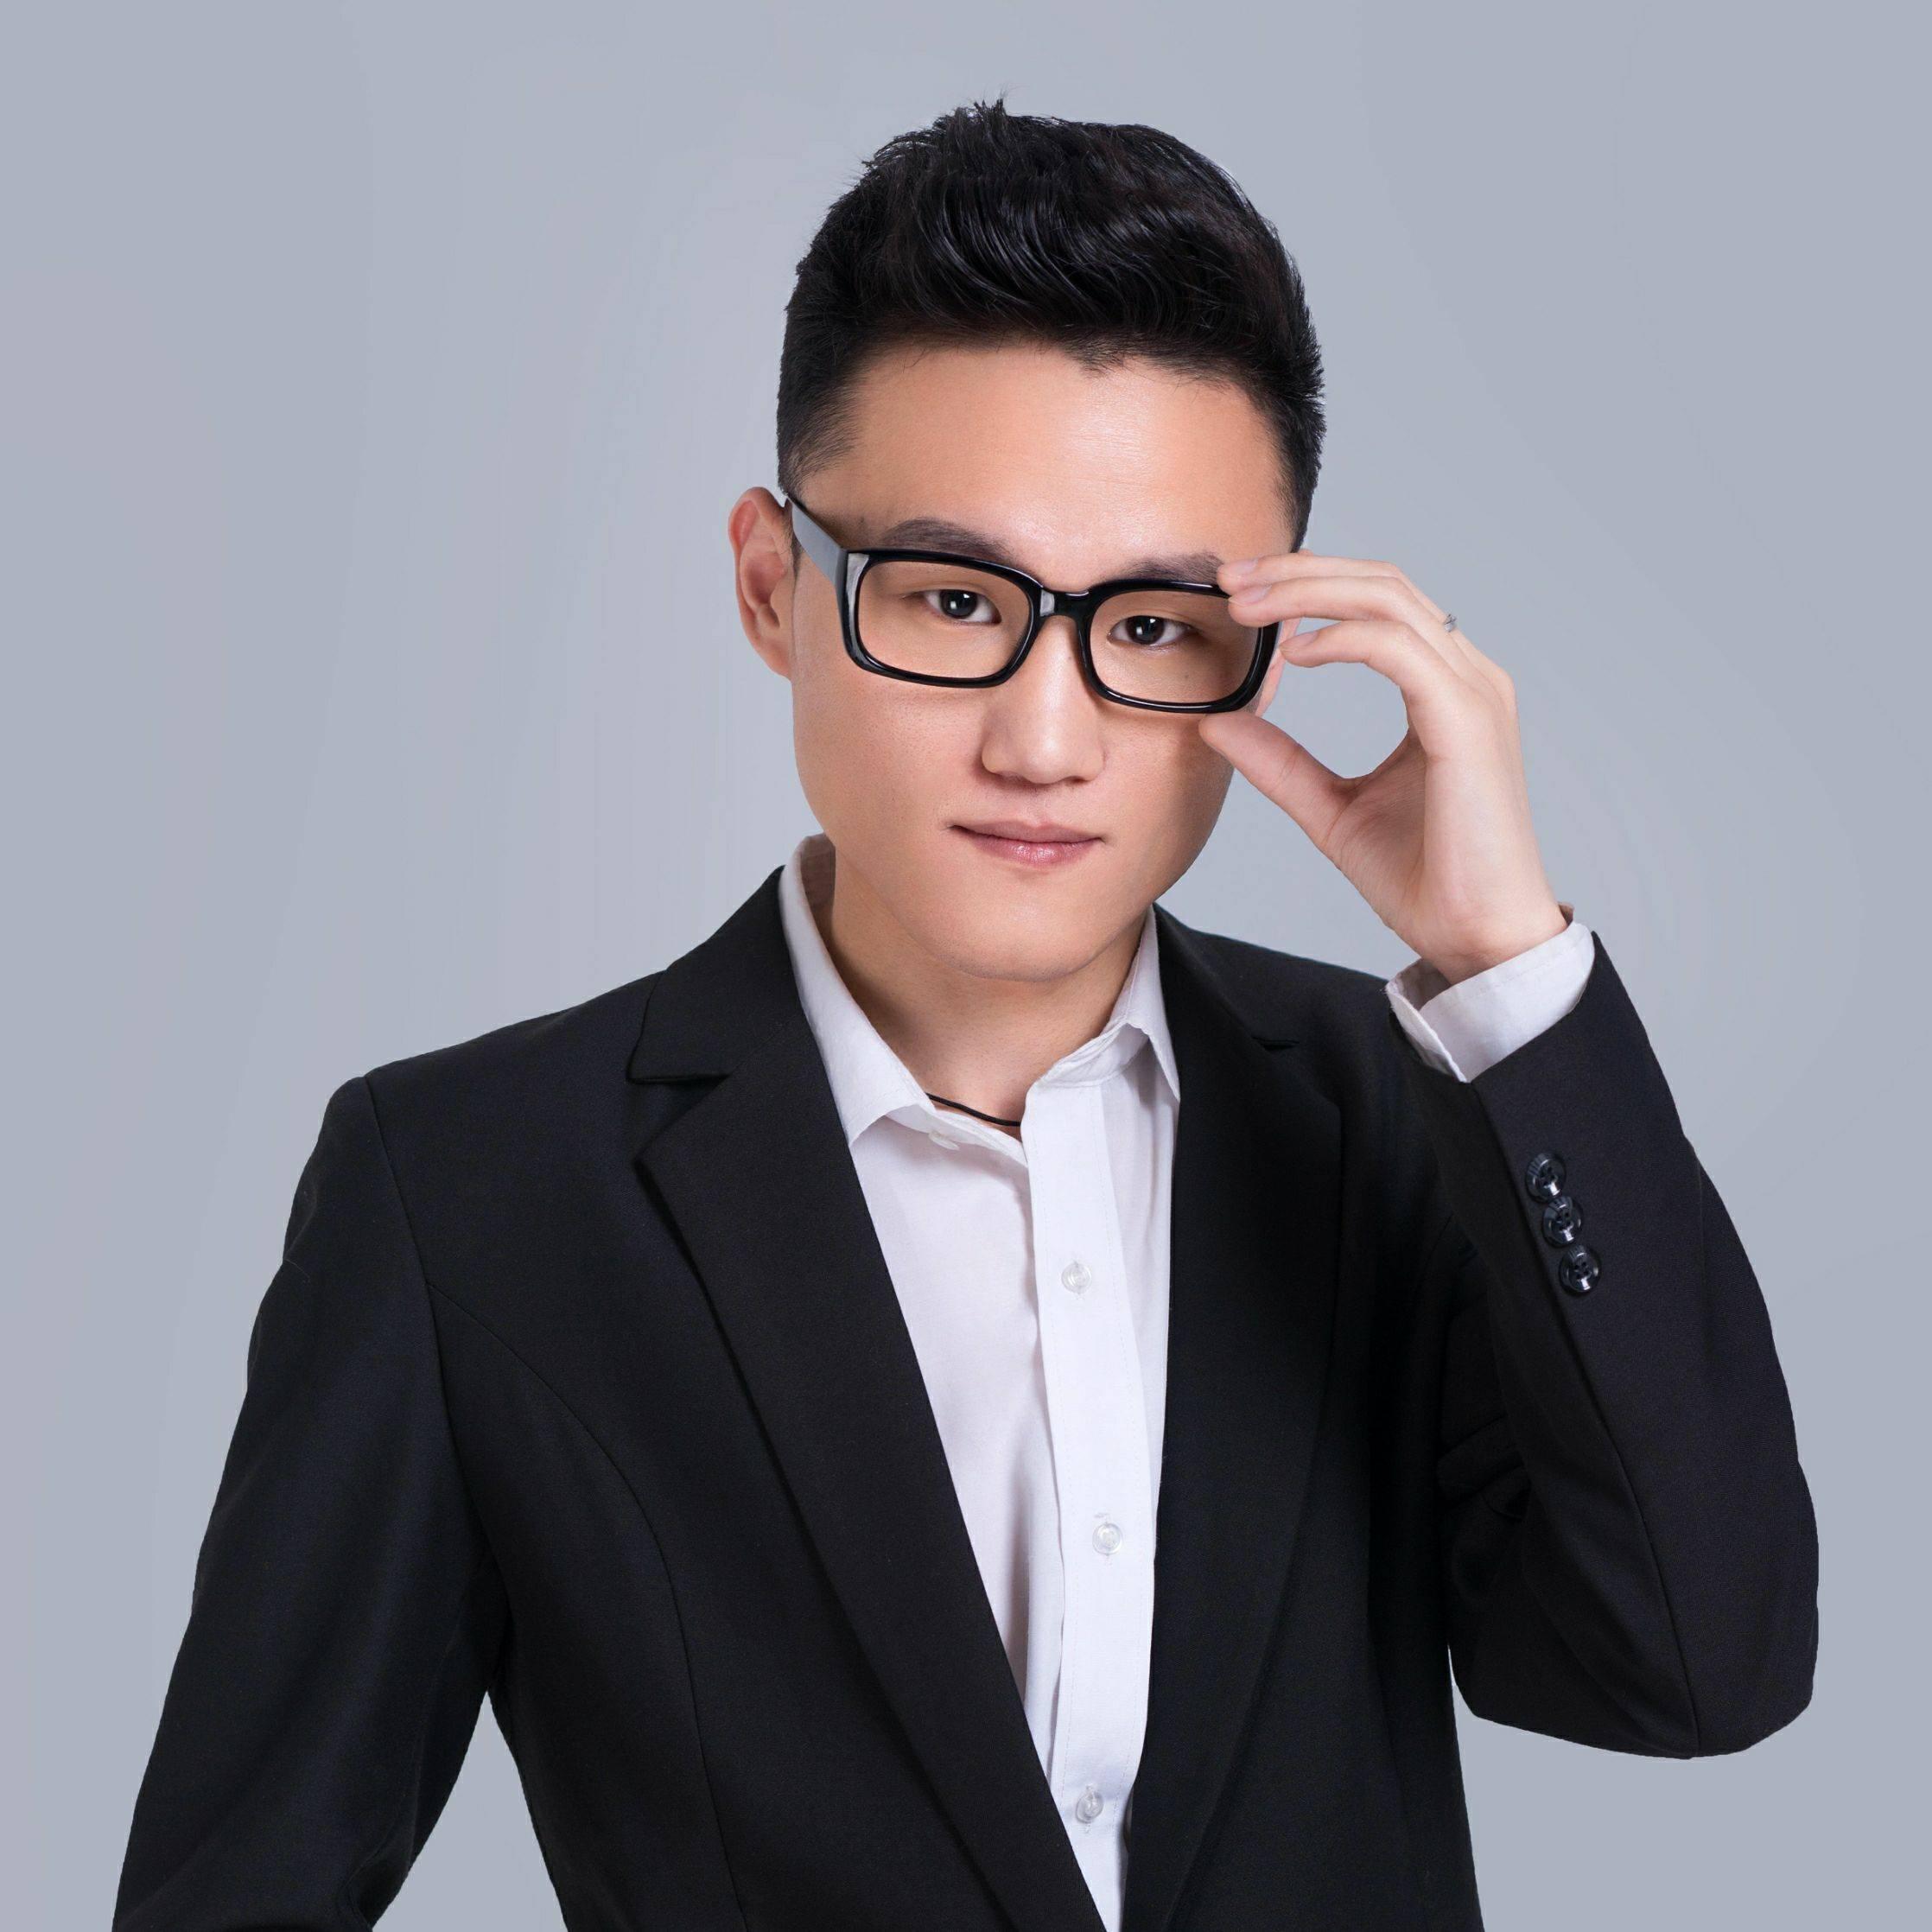 四方艺术—刘鑫杰